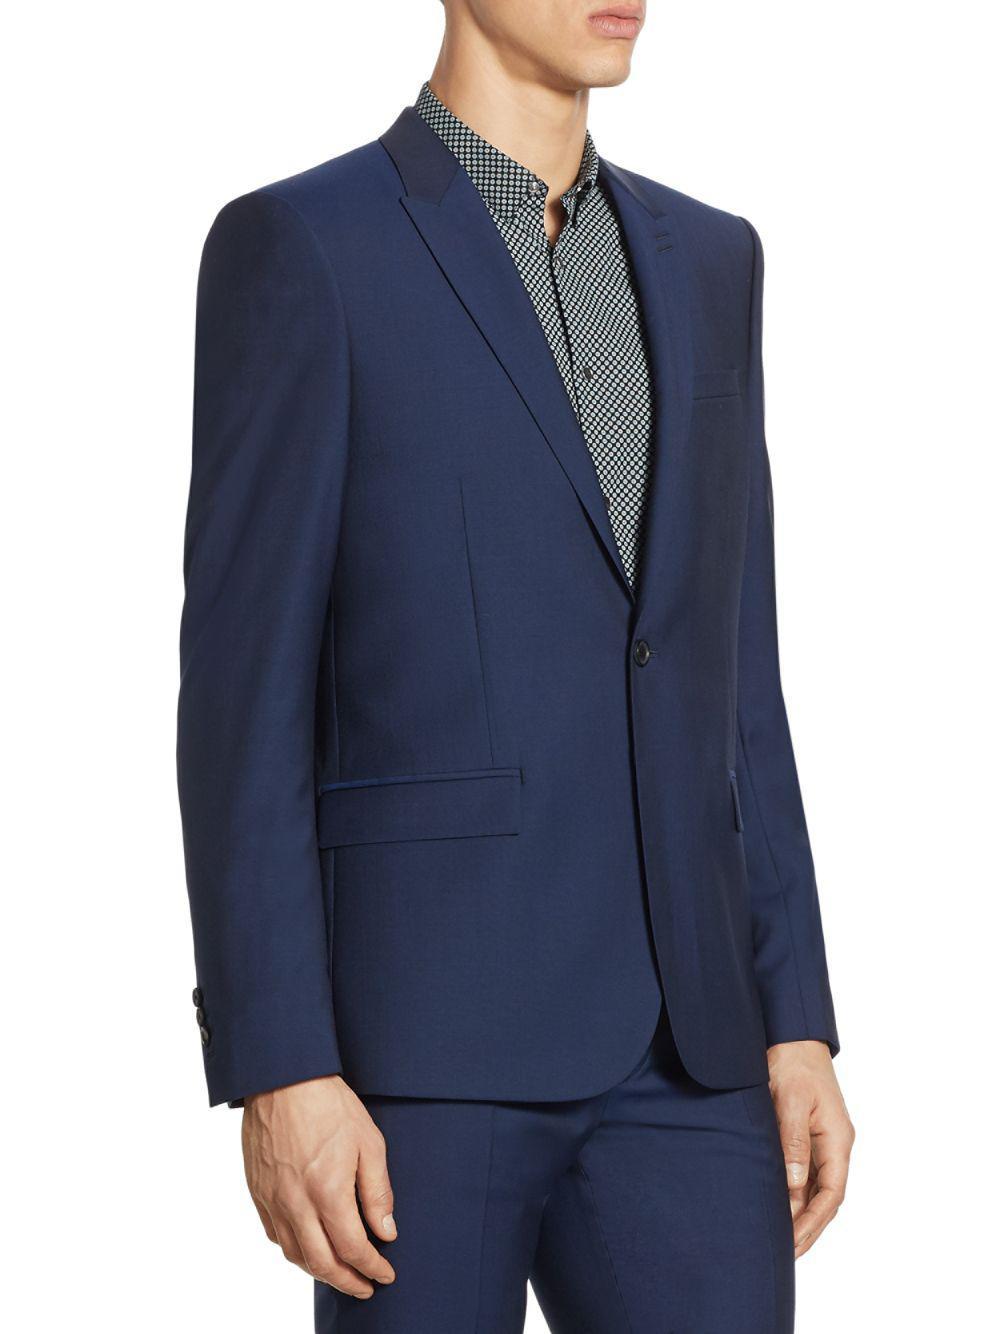 The Kooples Slim-fit Wool Jacket in Blue for Men